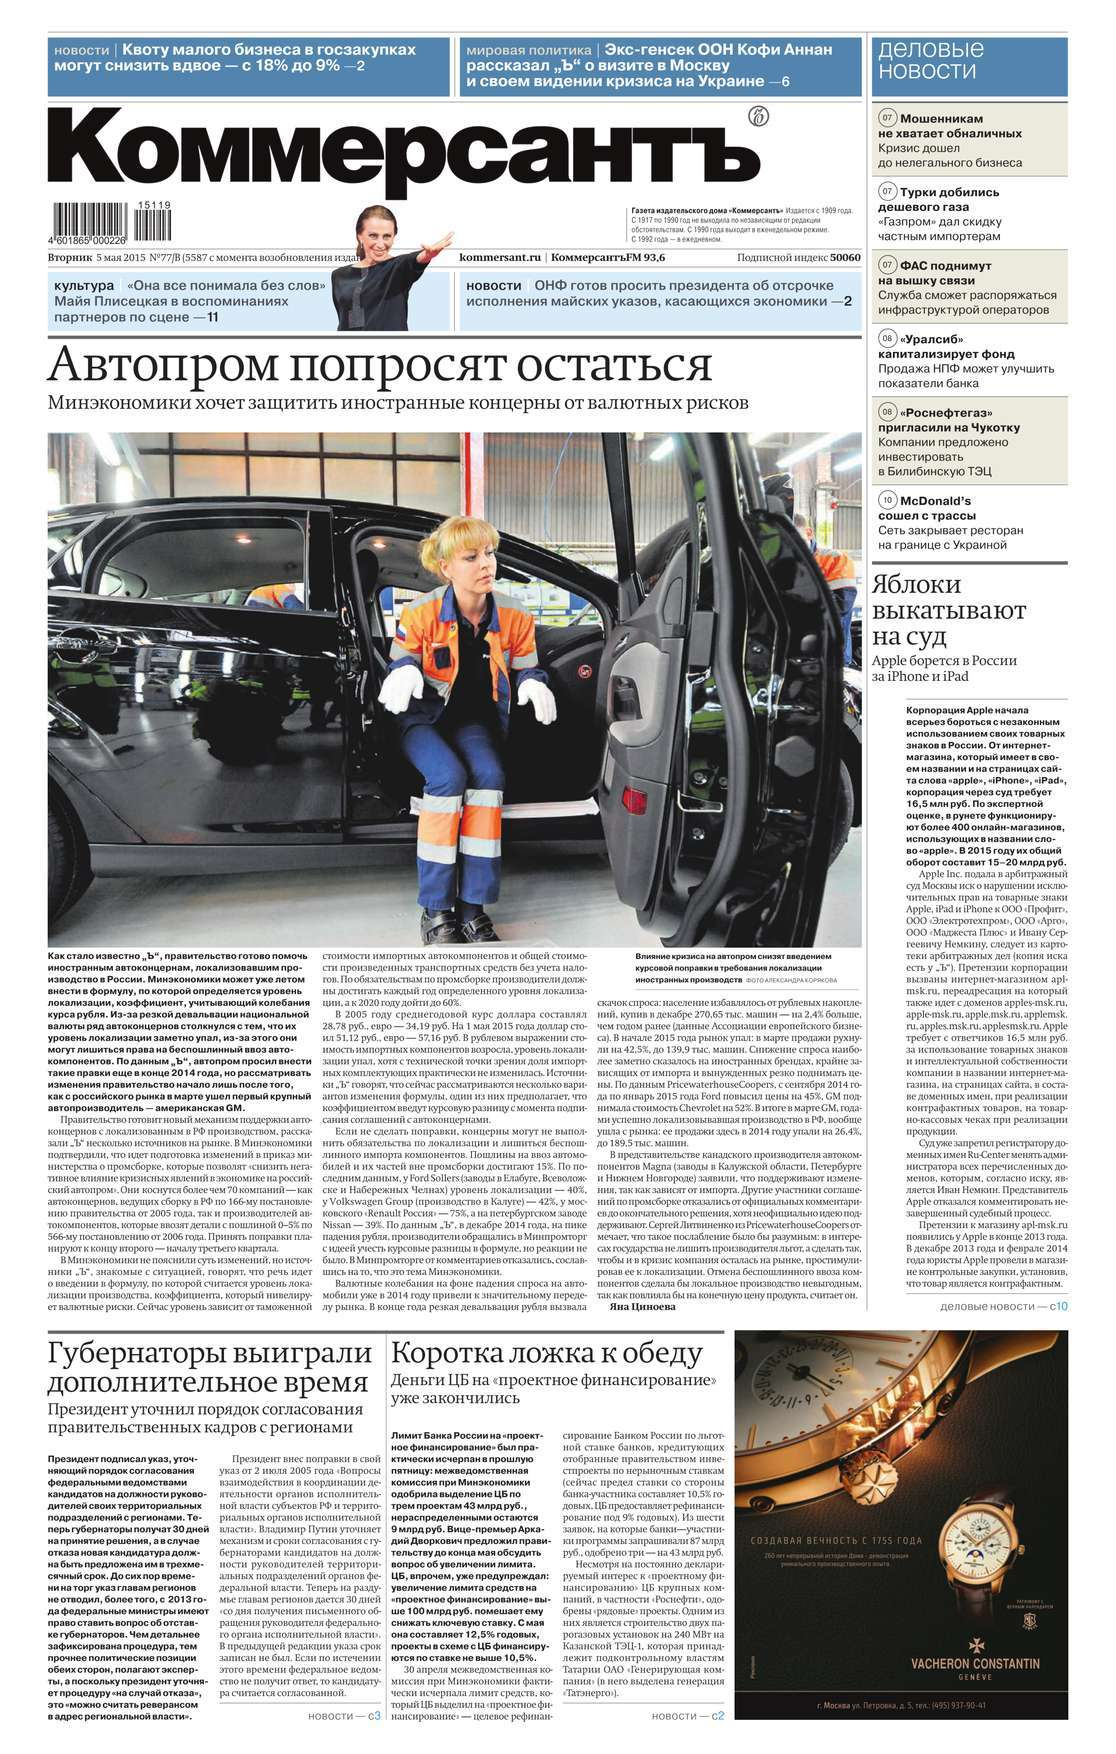 Редакция газеты КоммерсантЪ КоммерсантЪ 77м мс гелиос 77м 4